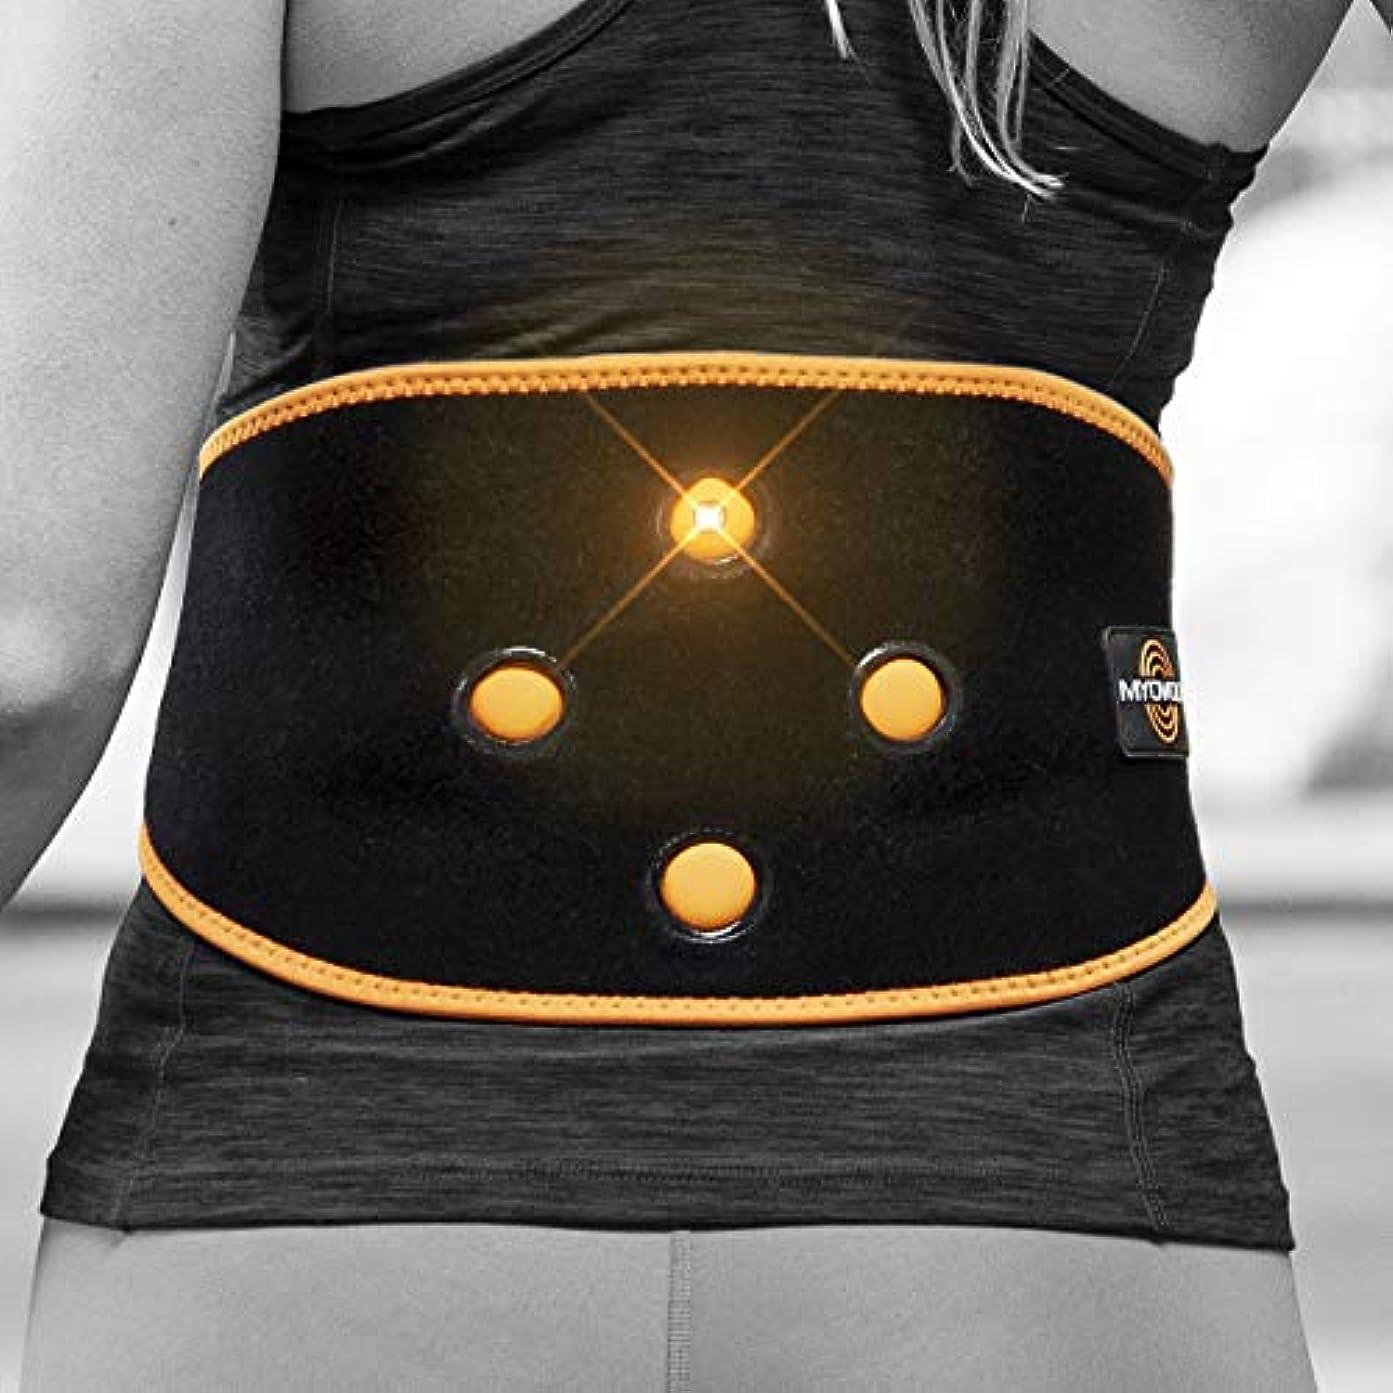 苦しめる日記球状Myovolt Wearable Massage Technology for Back & CORE/Vibration Therapy Device/筋肉こわばりが気になる方へ リラックス 141[並行輸入]